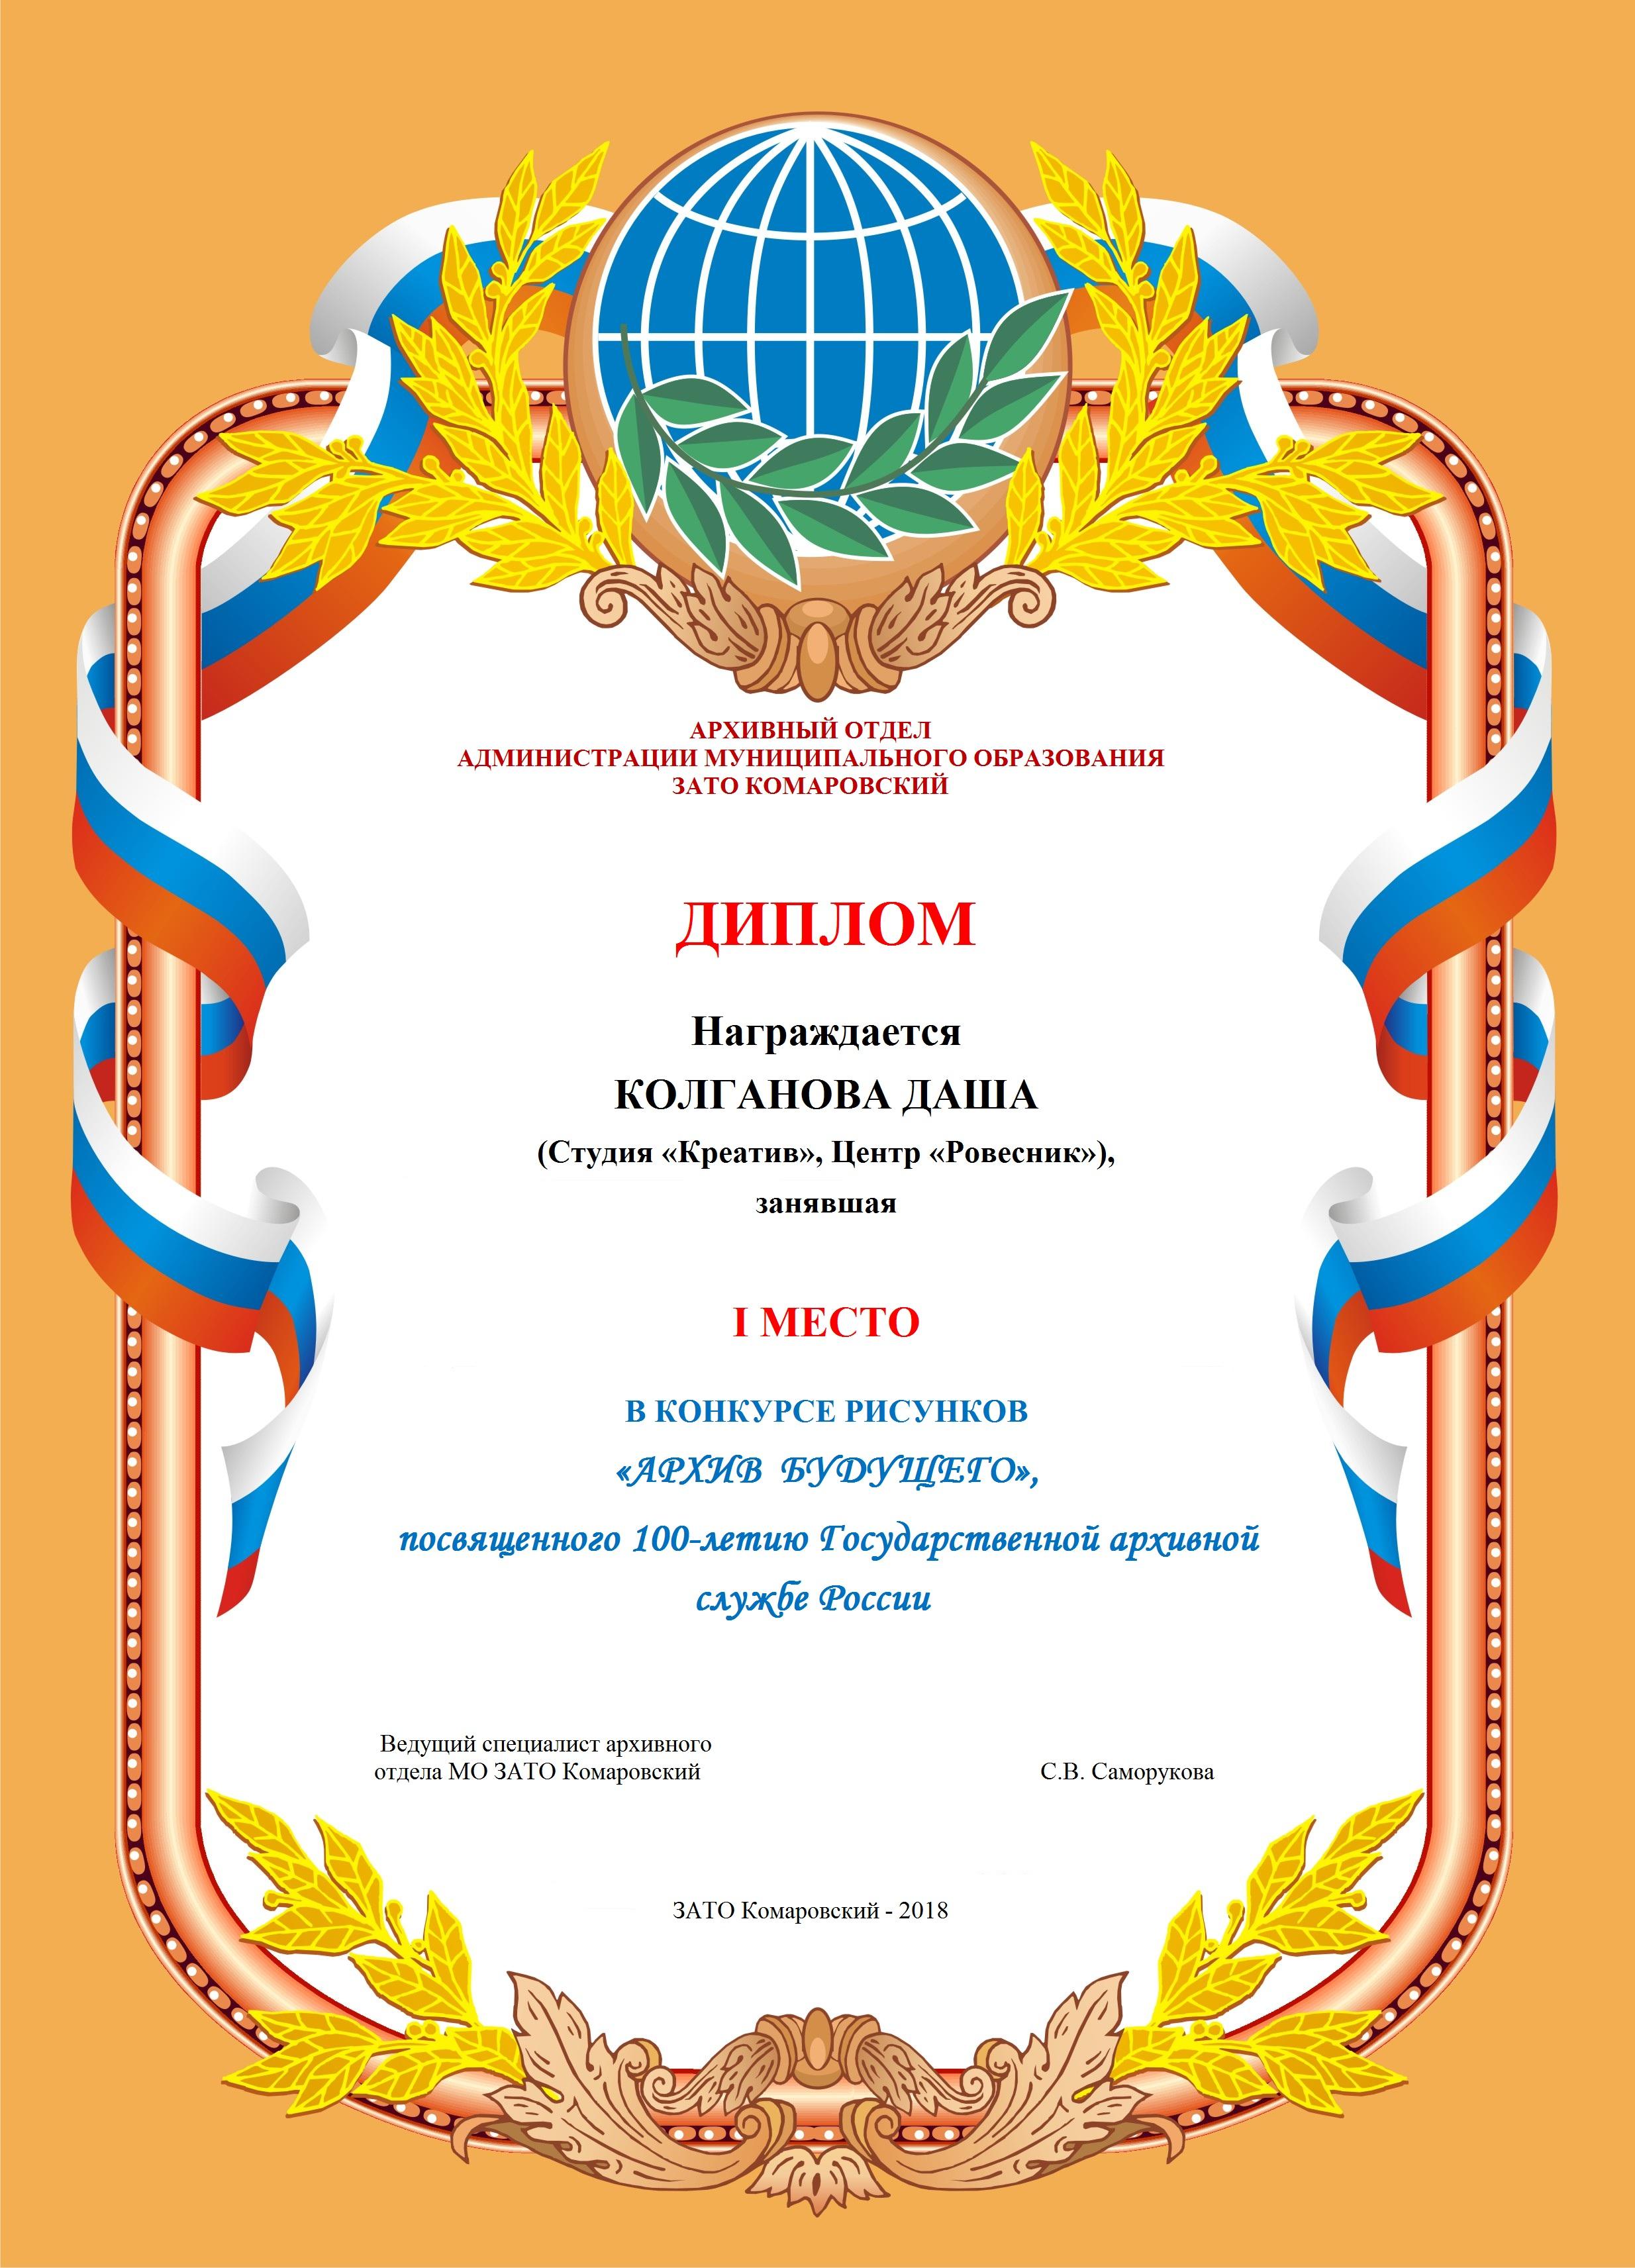 Диплом 1 место Колганова Даша